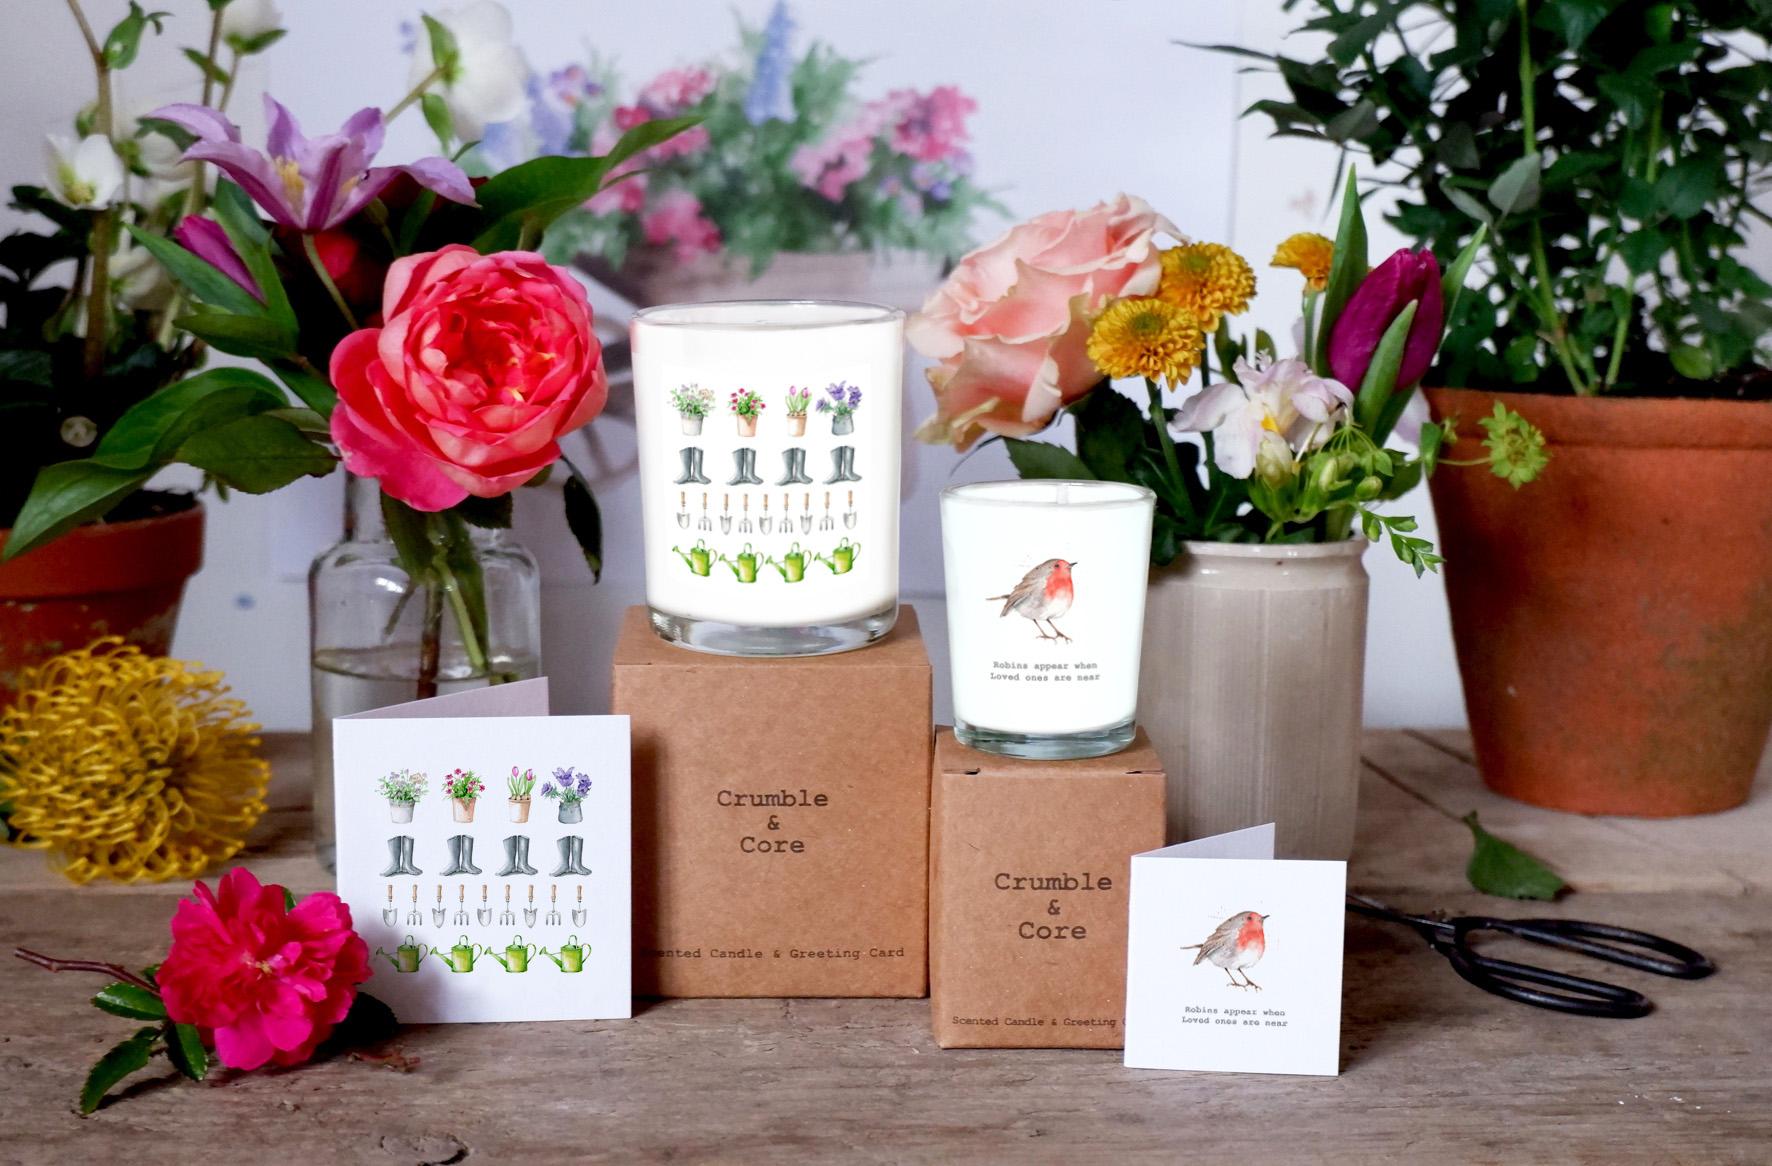 garden-robin-candles-cards